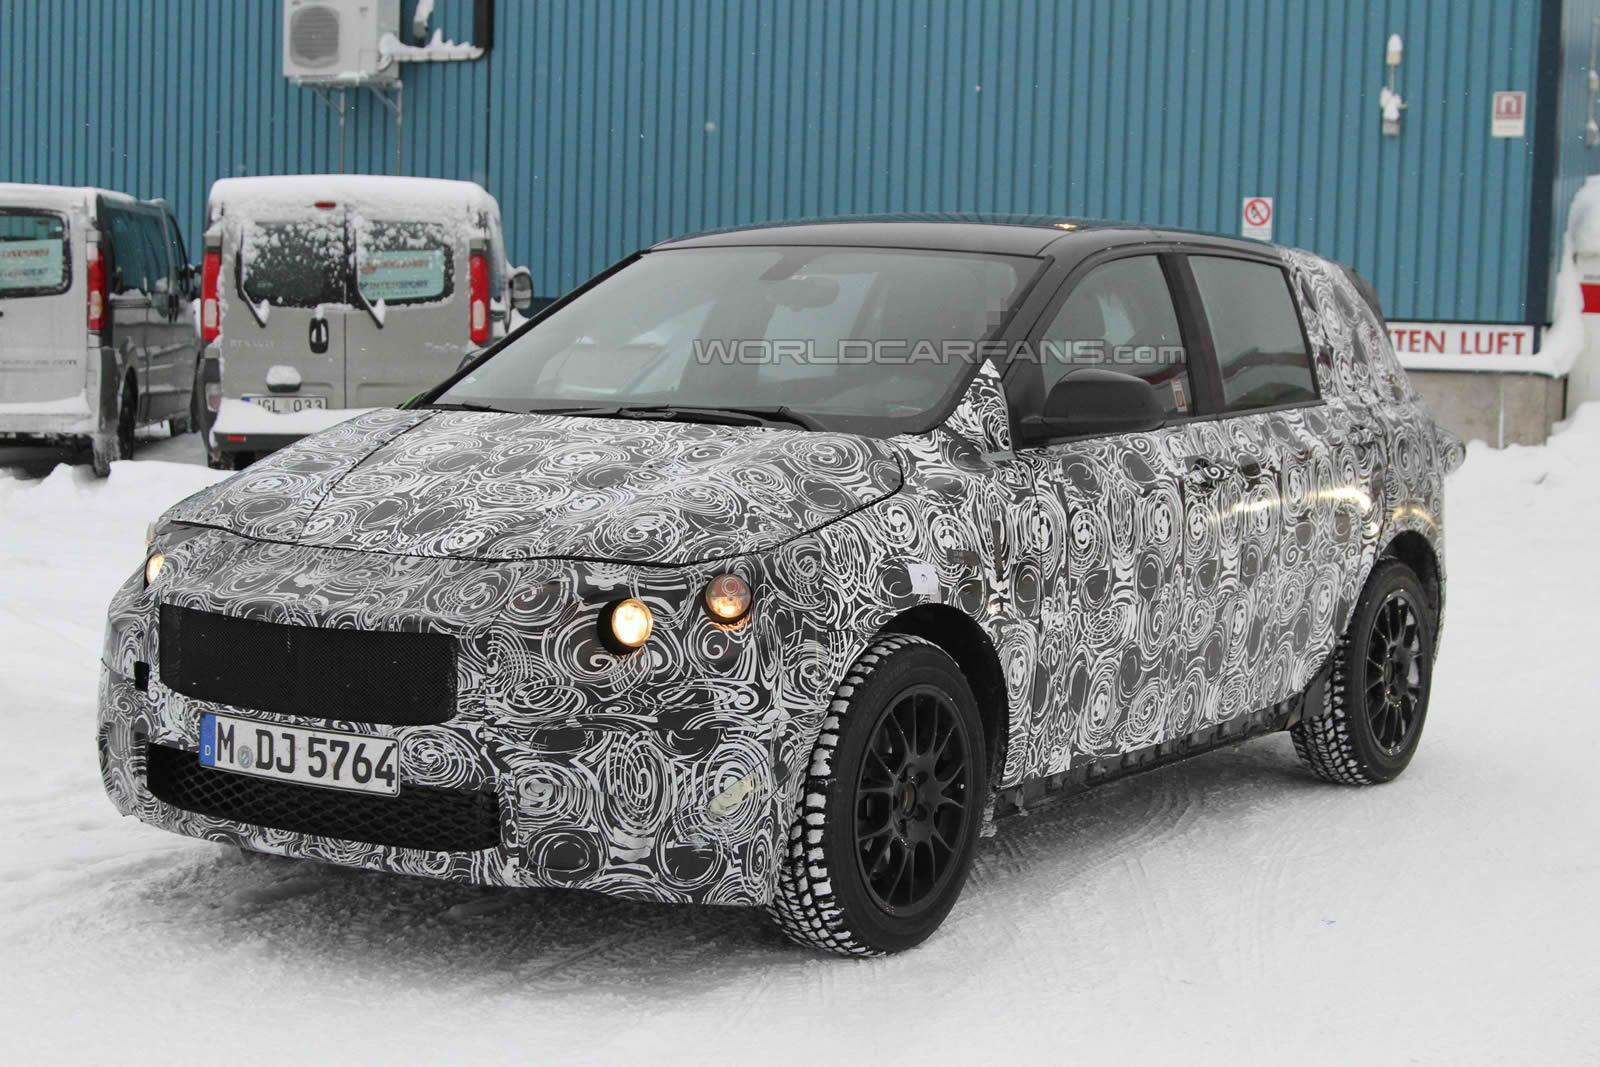 2013 BMW 1 Series GT spied